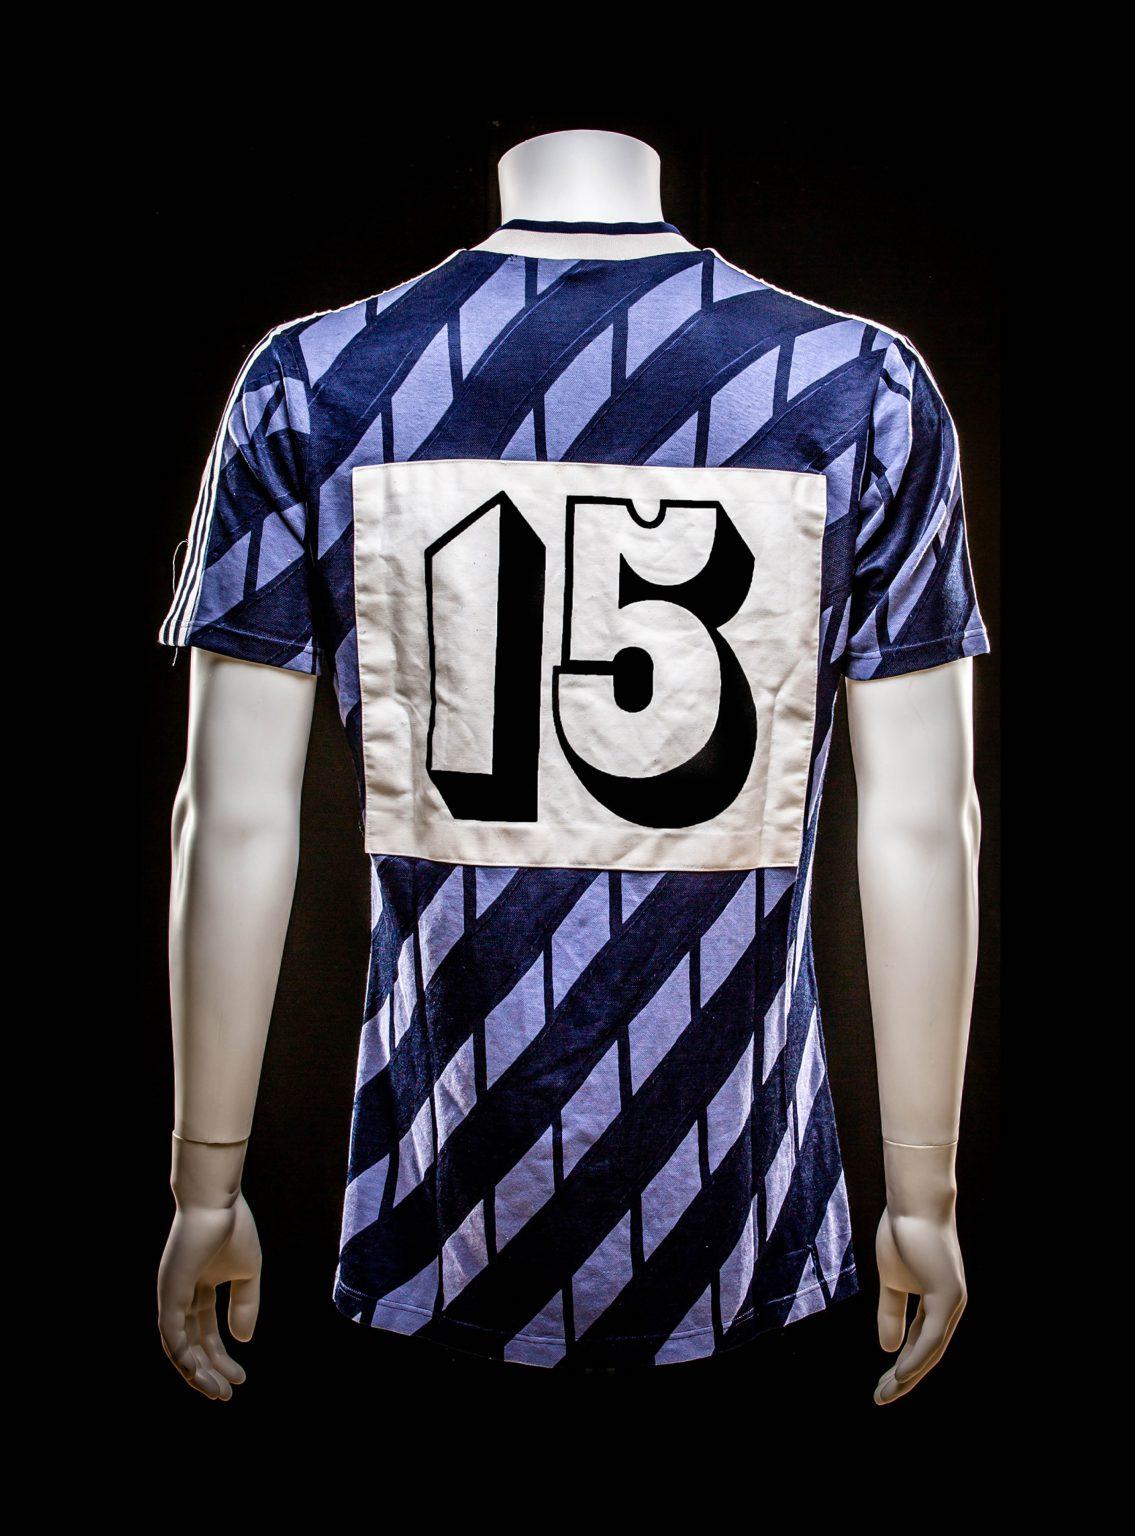 #15 Ricardo Gil y Muinos Vitesse 1987-1989